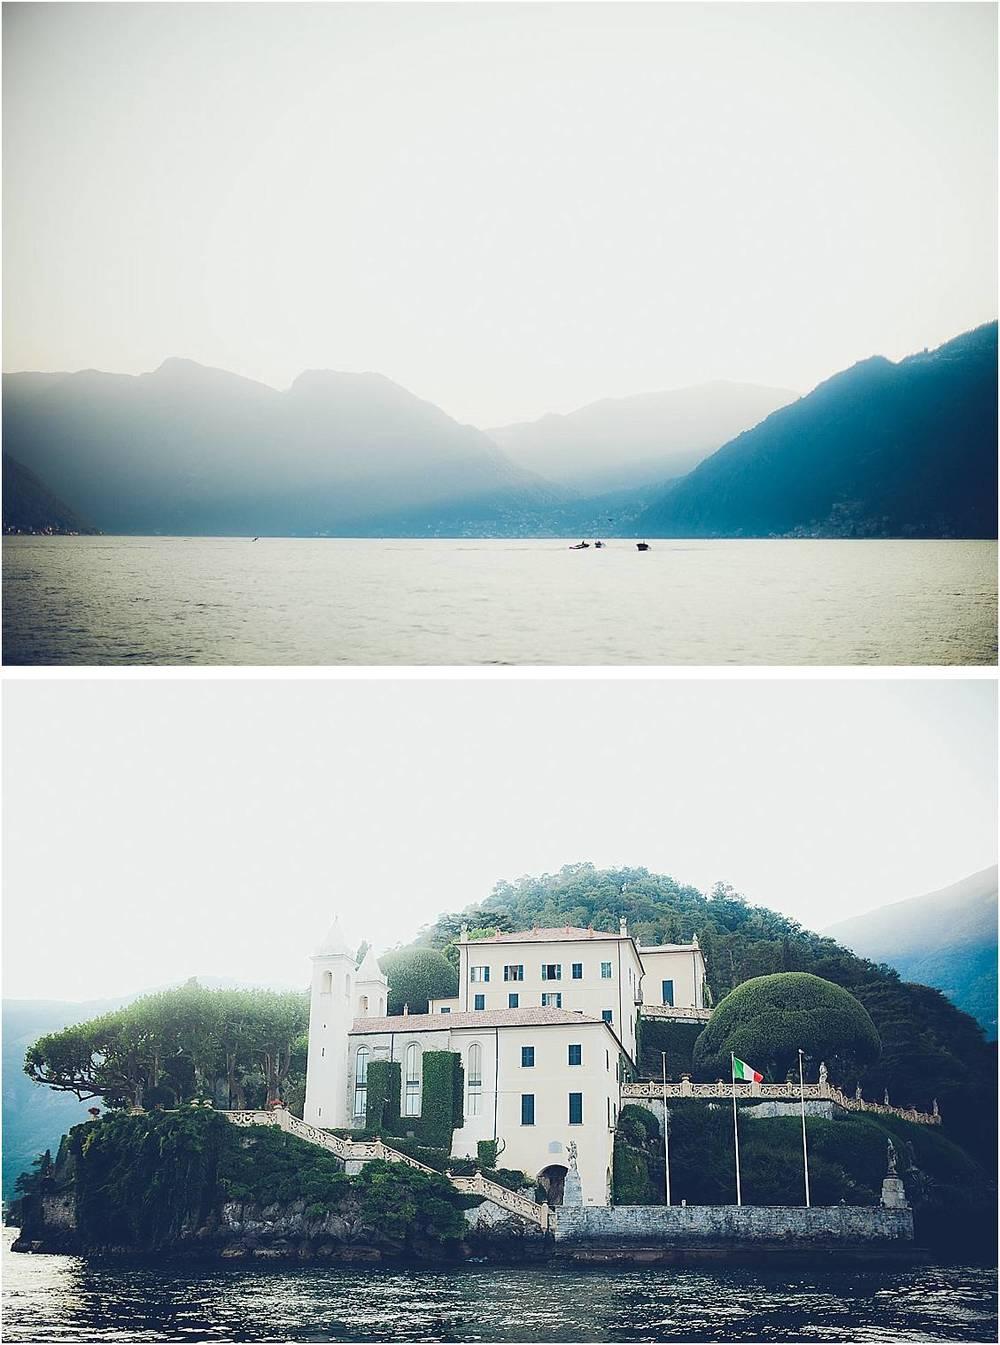 Villa Balbianello_FionaclairPhotography-57.jpg